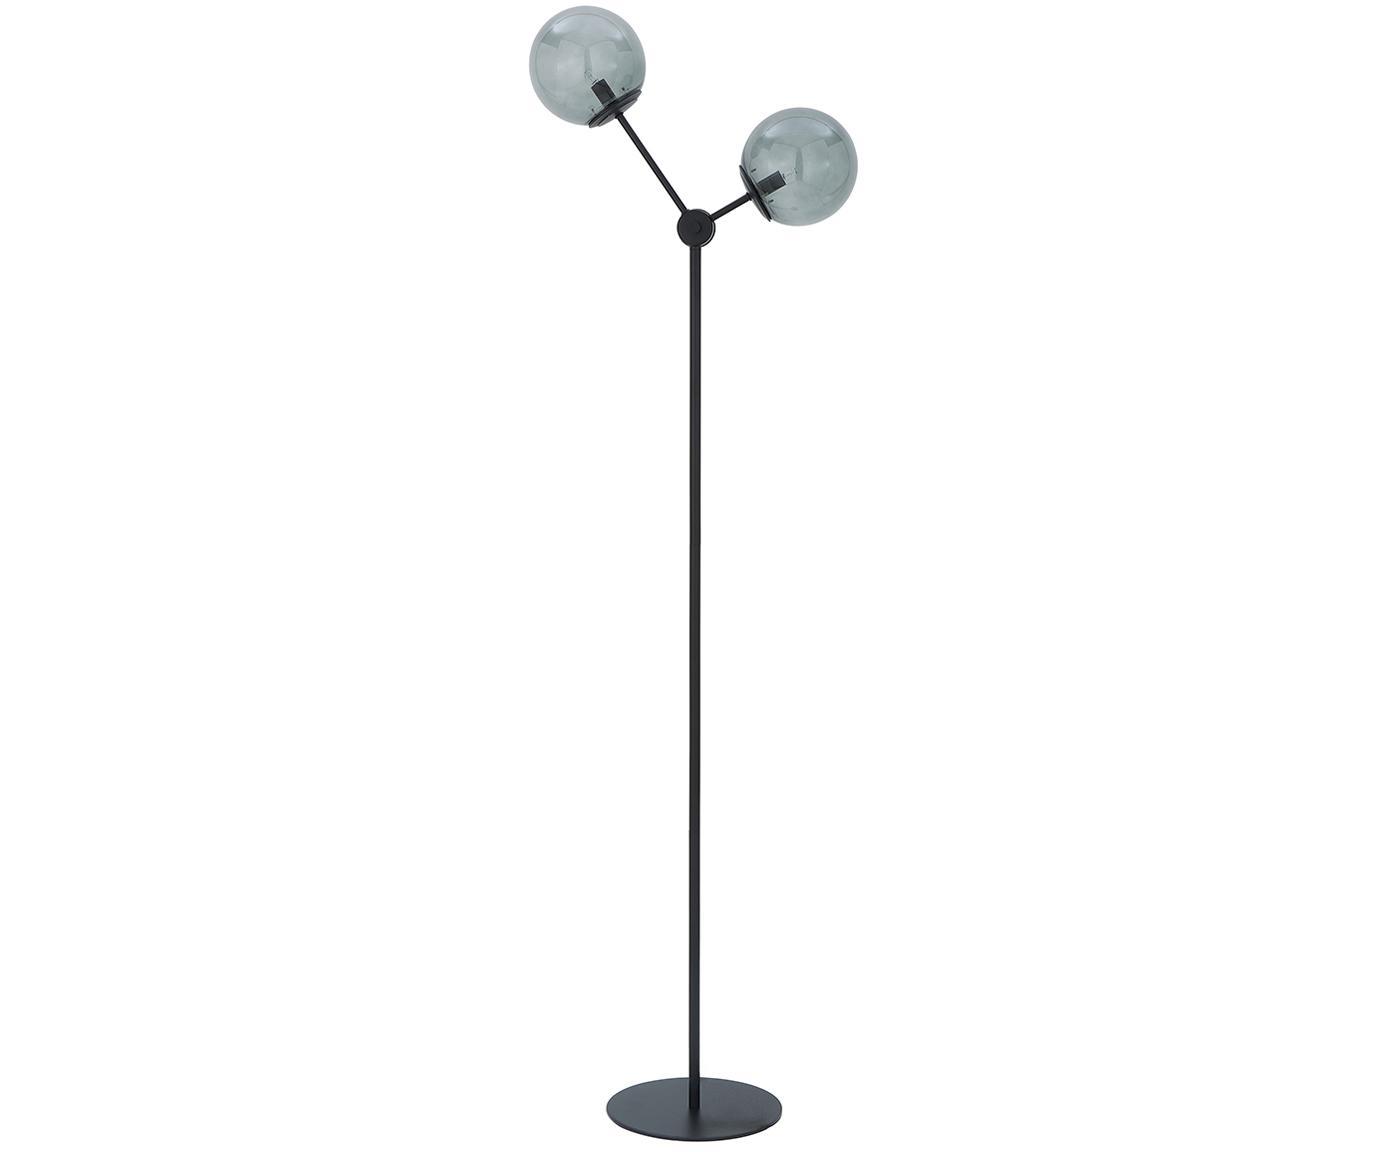 Lámpara de pie Aurelia, Base de la lámpara: metal, pintura en polvo, Cable: cubierto en tela, Negro, gris, Ø 25 x Al 155 cm